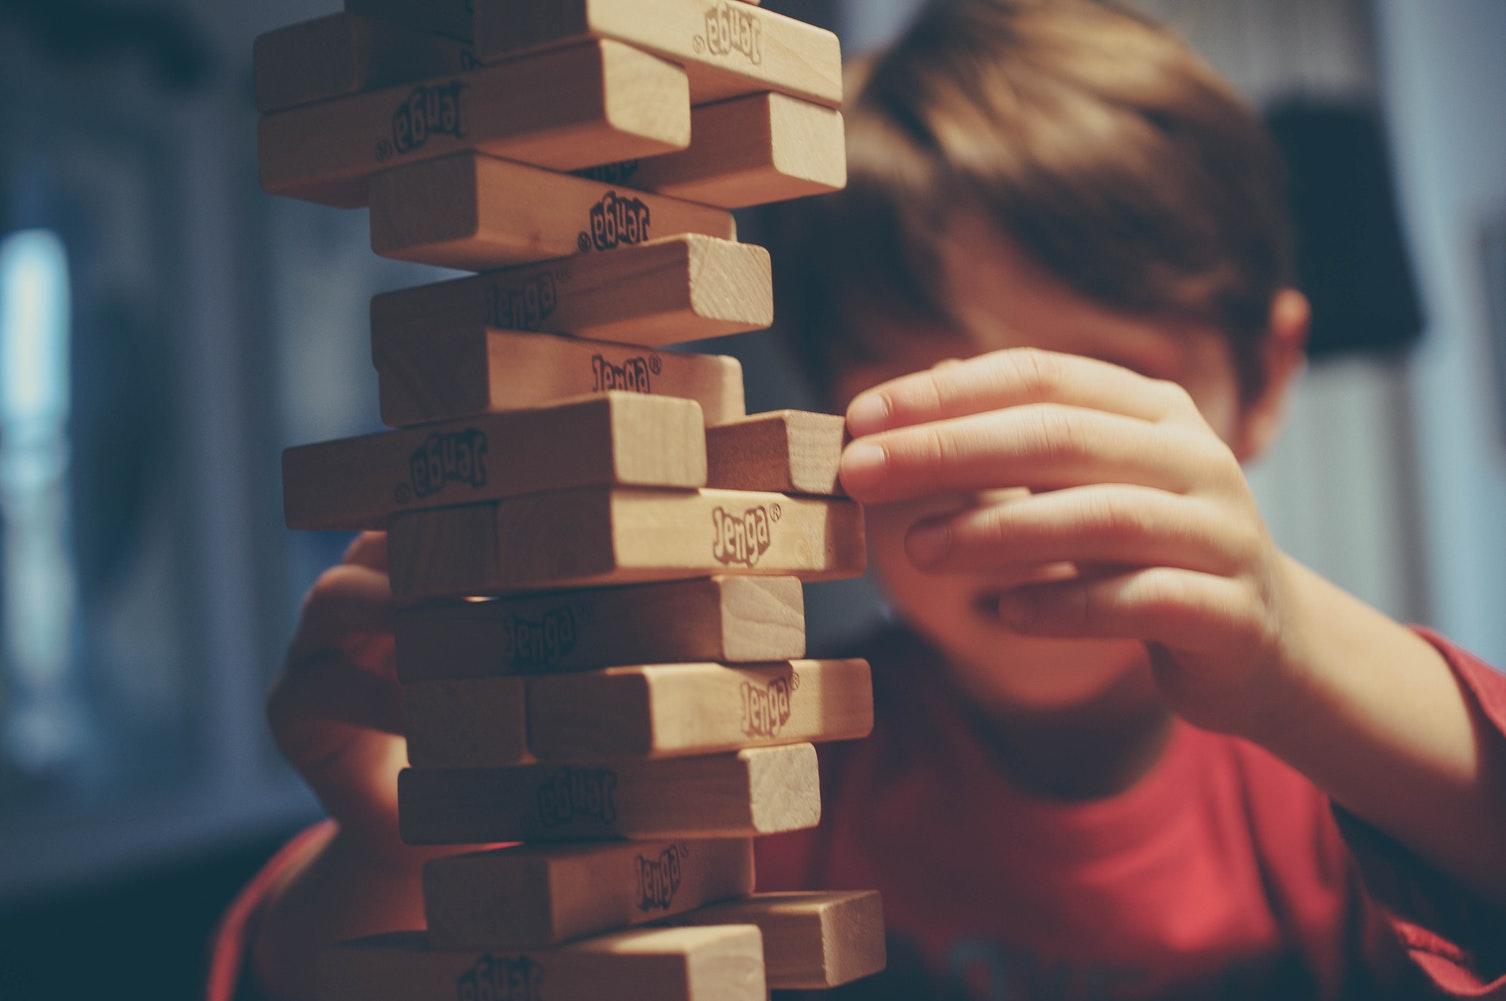 Inversión en infancia: ¿Cómo podemos medirla a nivel local?